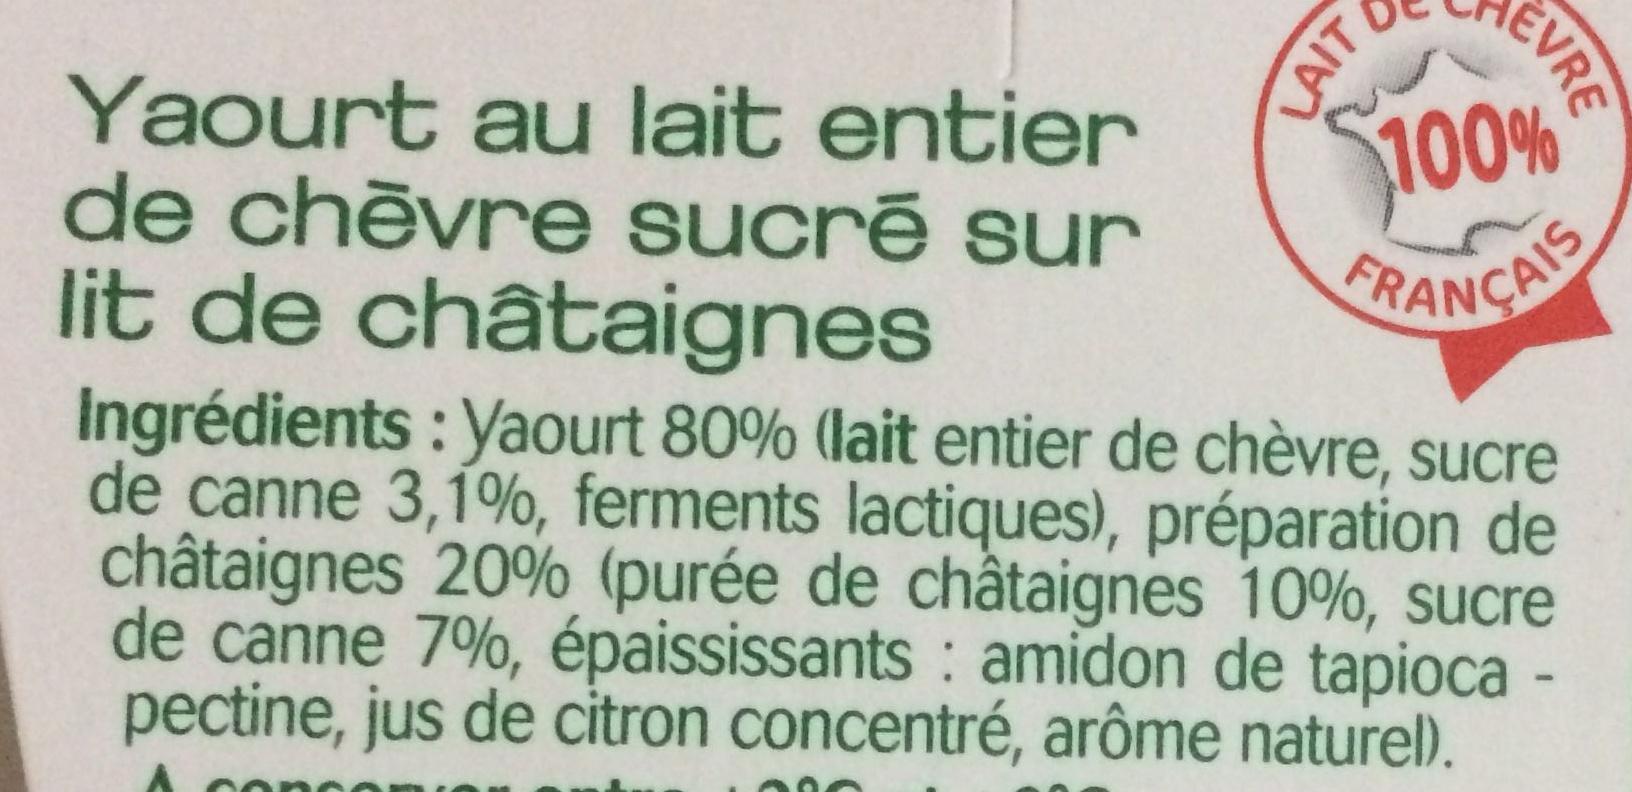 Yaourt au lait de chèvre sur Lit de chataigne - Ingrédients - fr